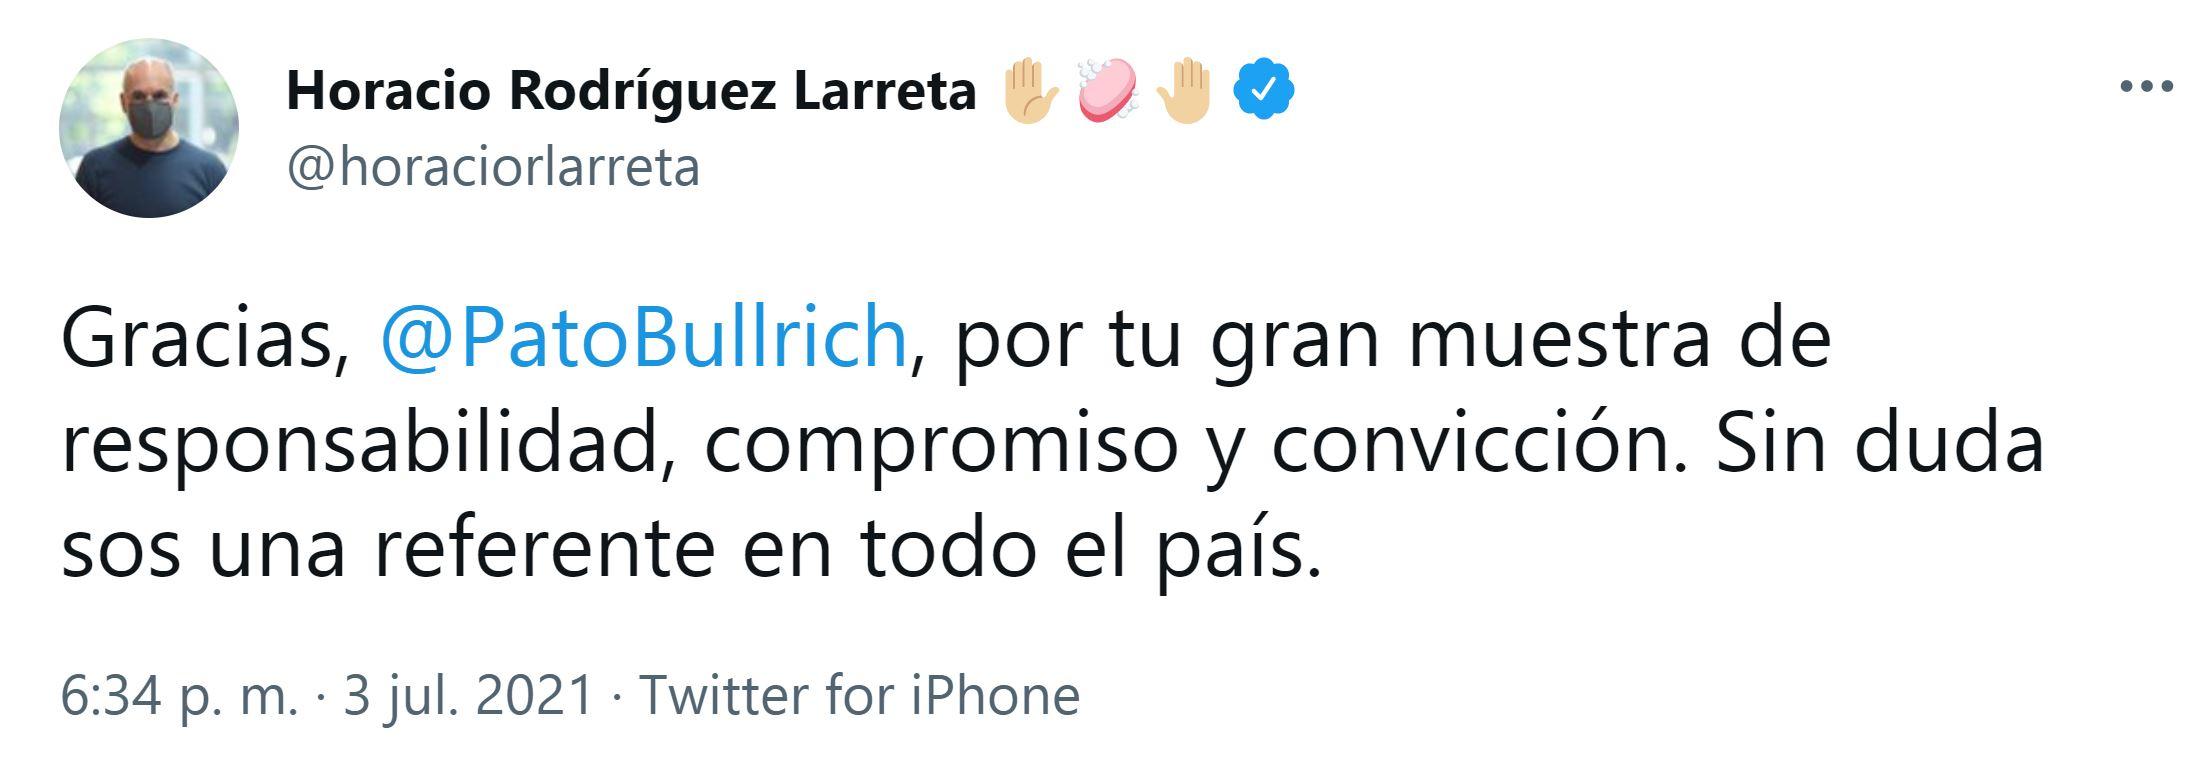 El jefe de Gobierno porteño, Horacio Rodríguez Larreta, también destacó en redes sociales la decisión de Patricia Bullrich